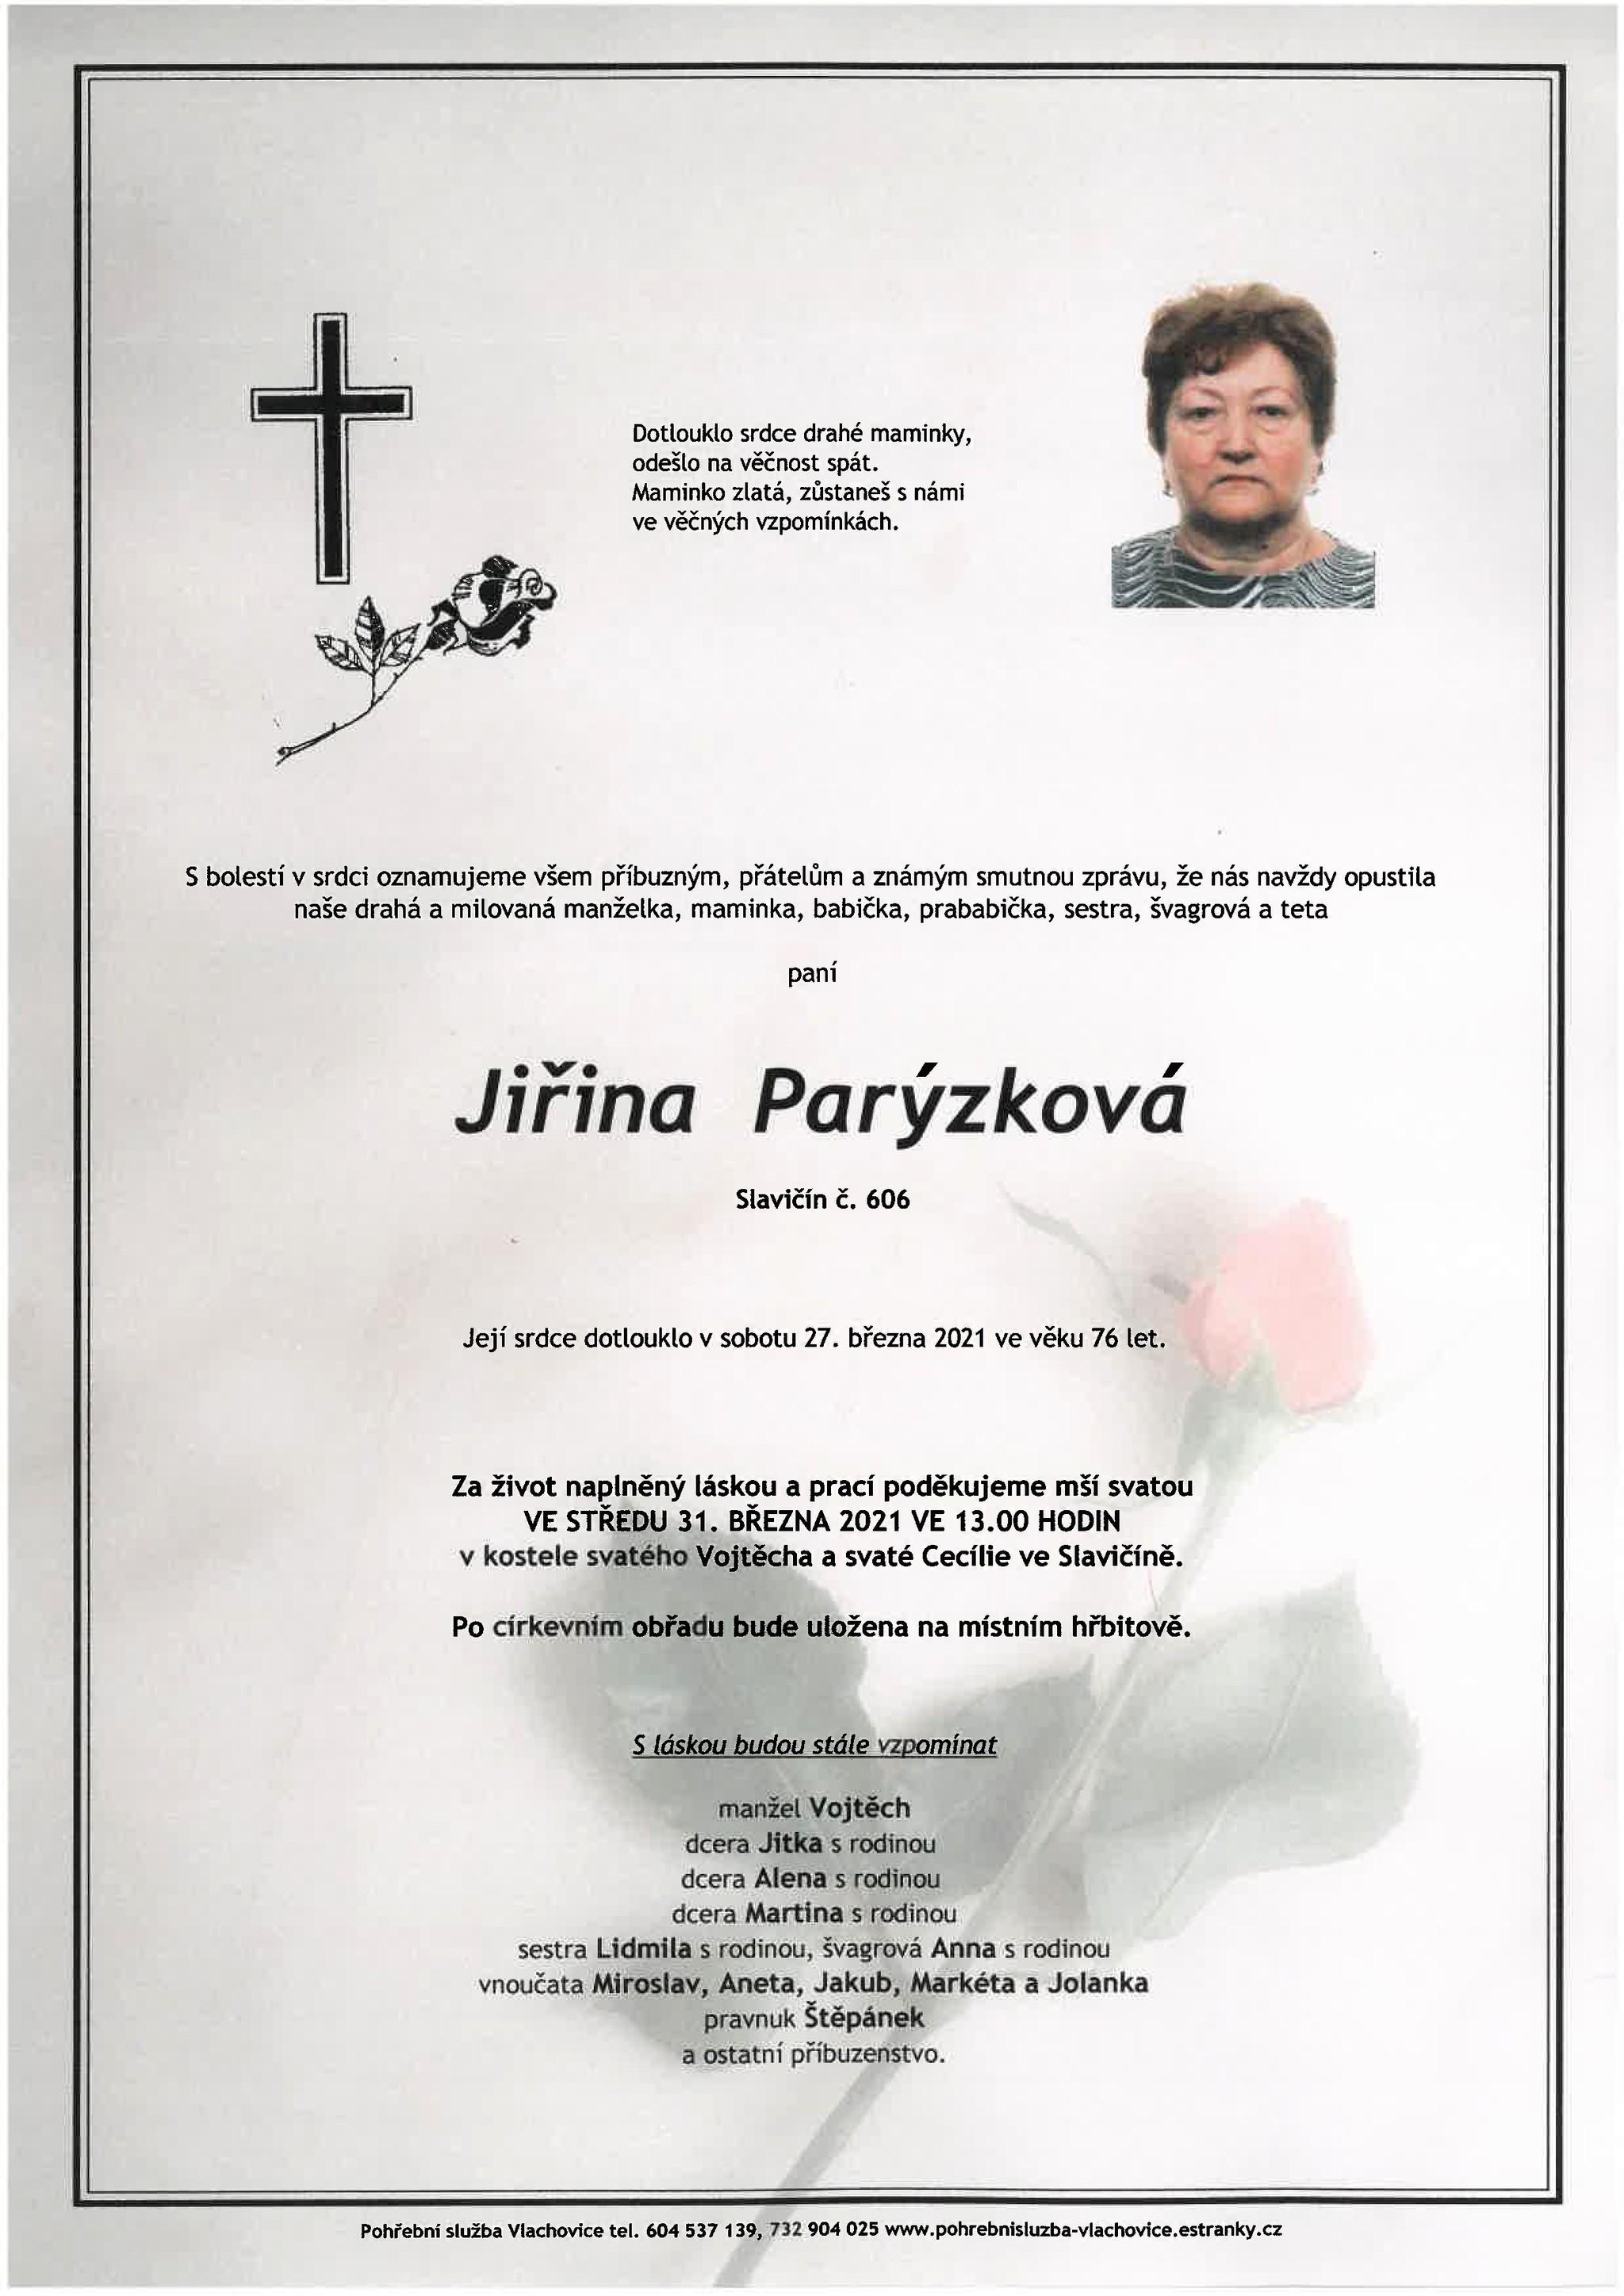 Jiřina Parýzková